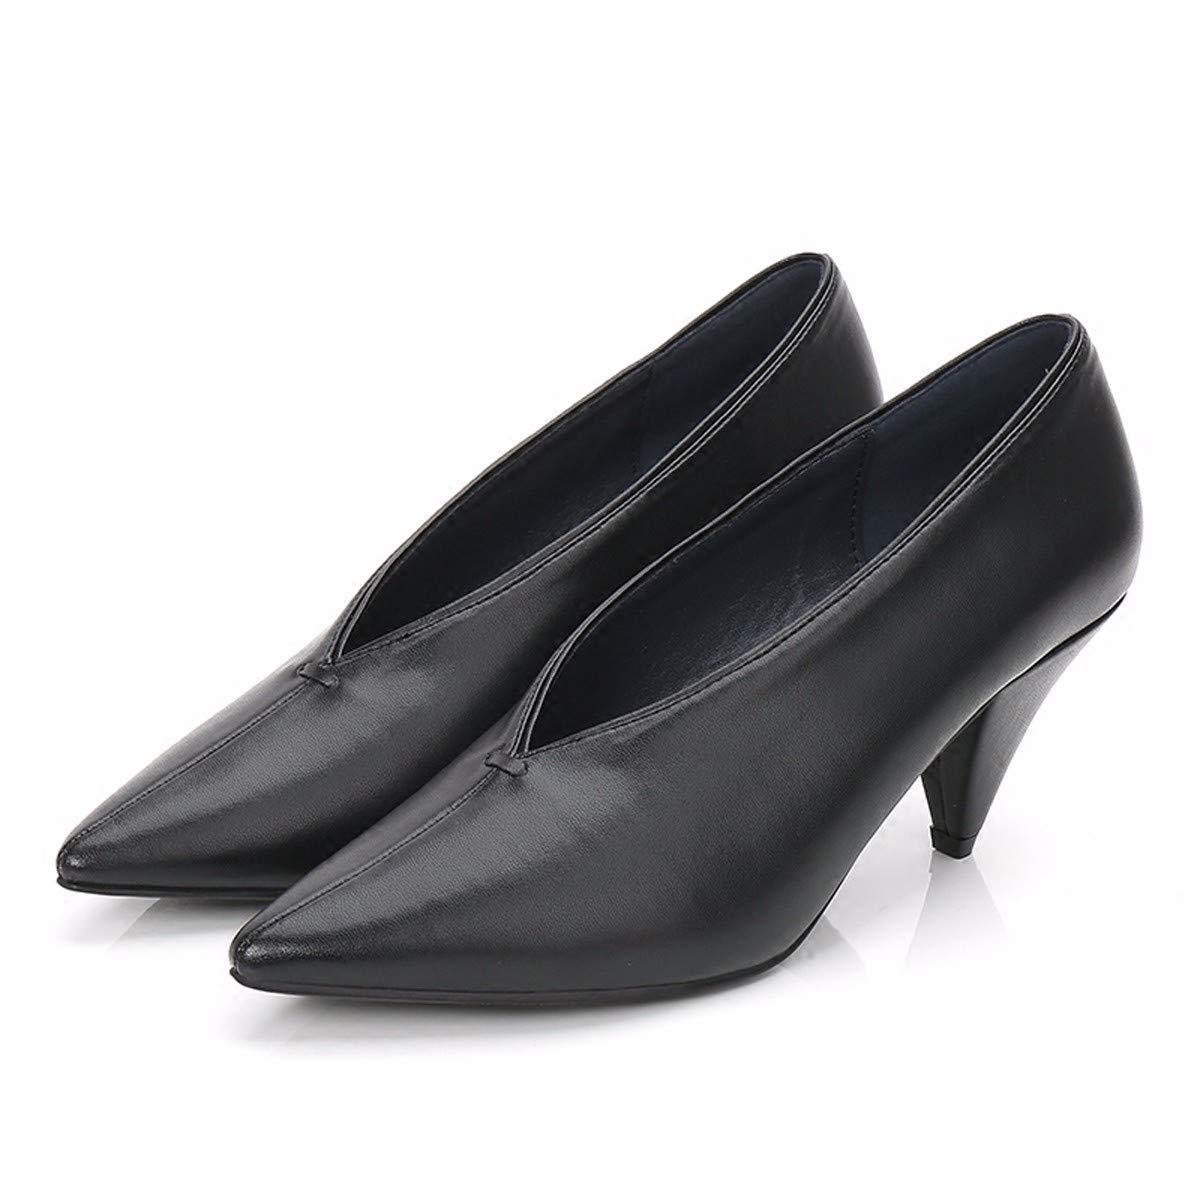 HBDLH Damenschuhe Hexe Schuhe Mit Hohen Hohen Hohen 6 cm Scharf Darauf V Mund Nahen Hochhackigen Schuhe Oma Fashion Street Pads Einzelne Schuhe. 016b5e